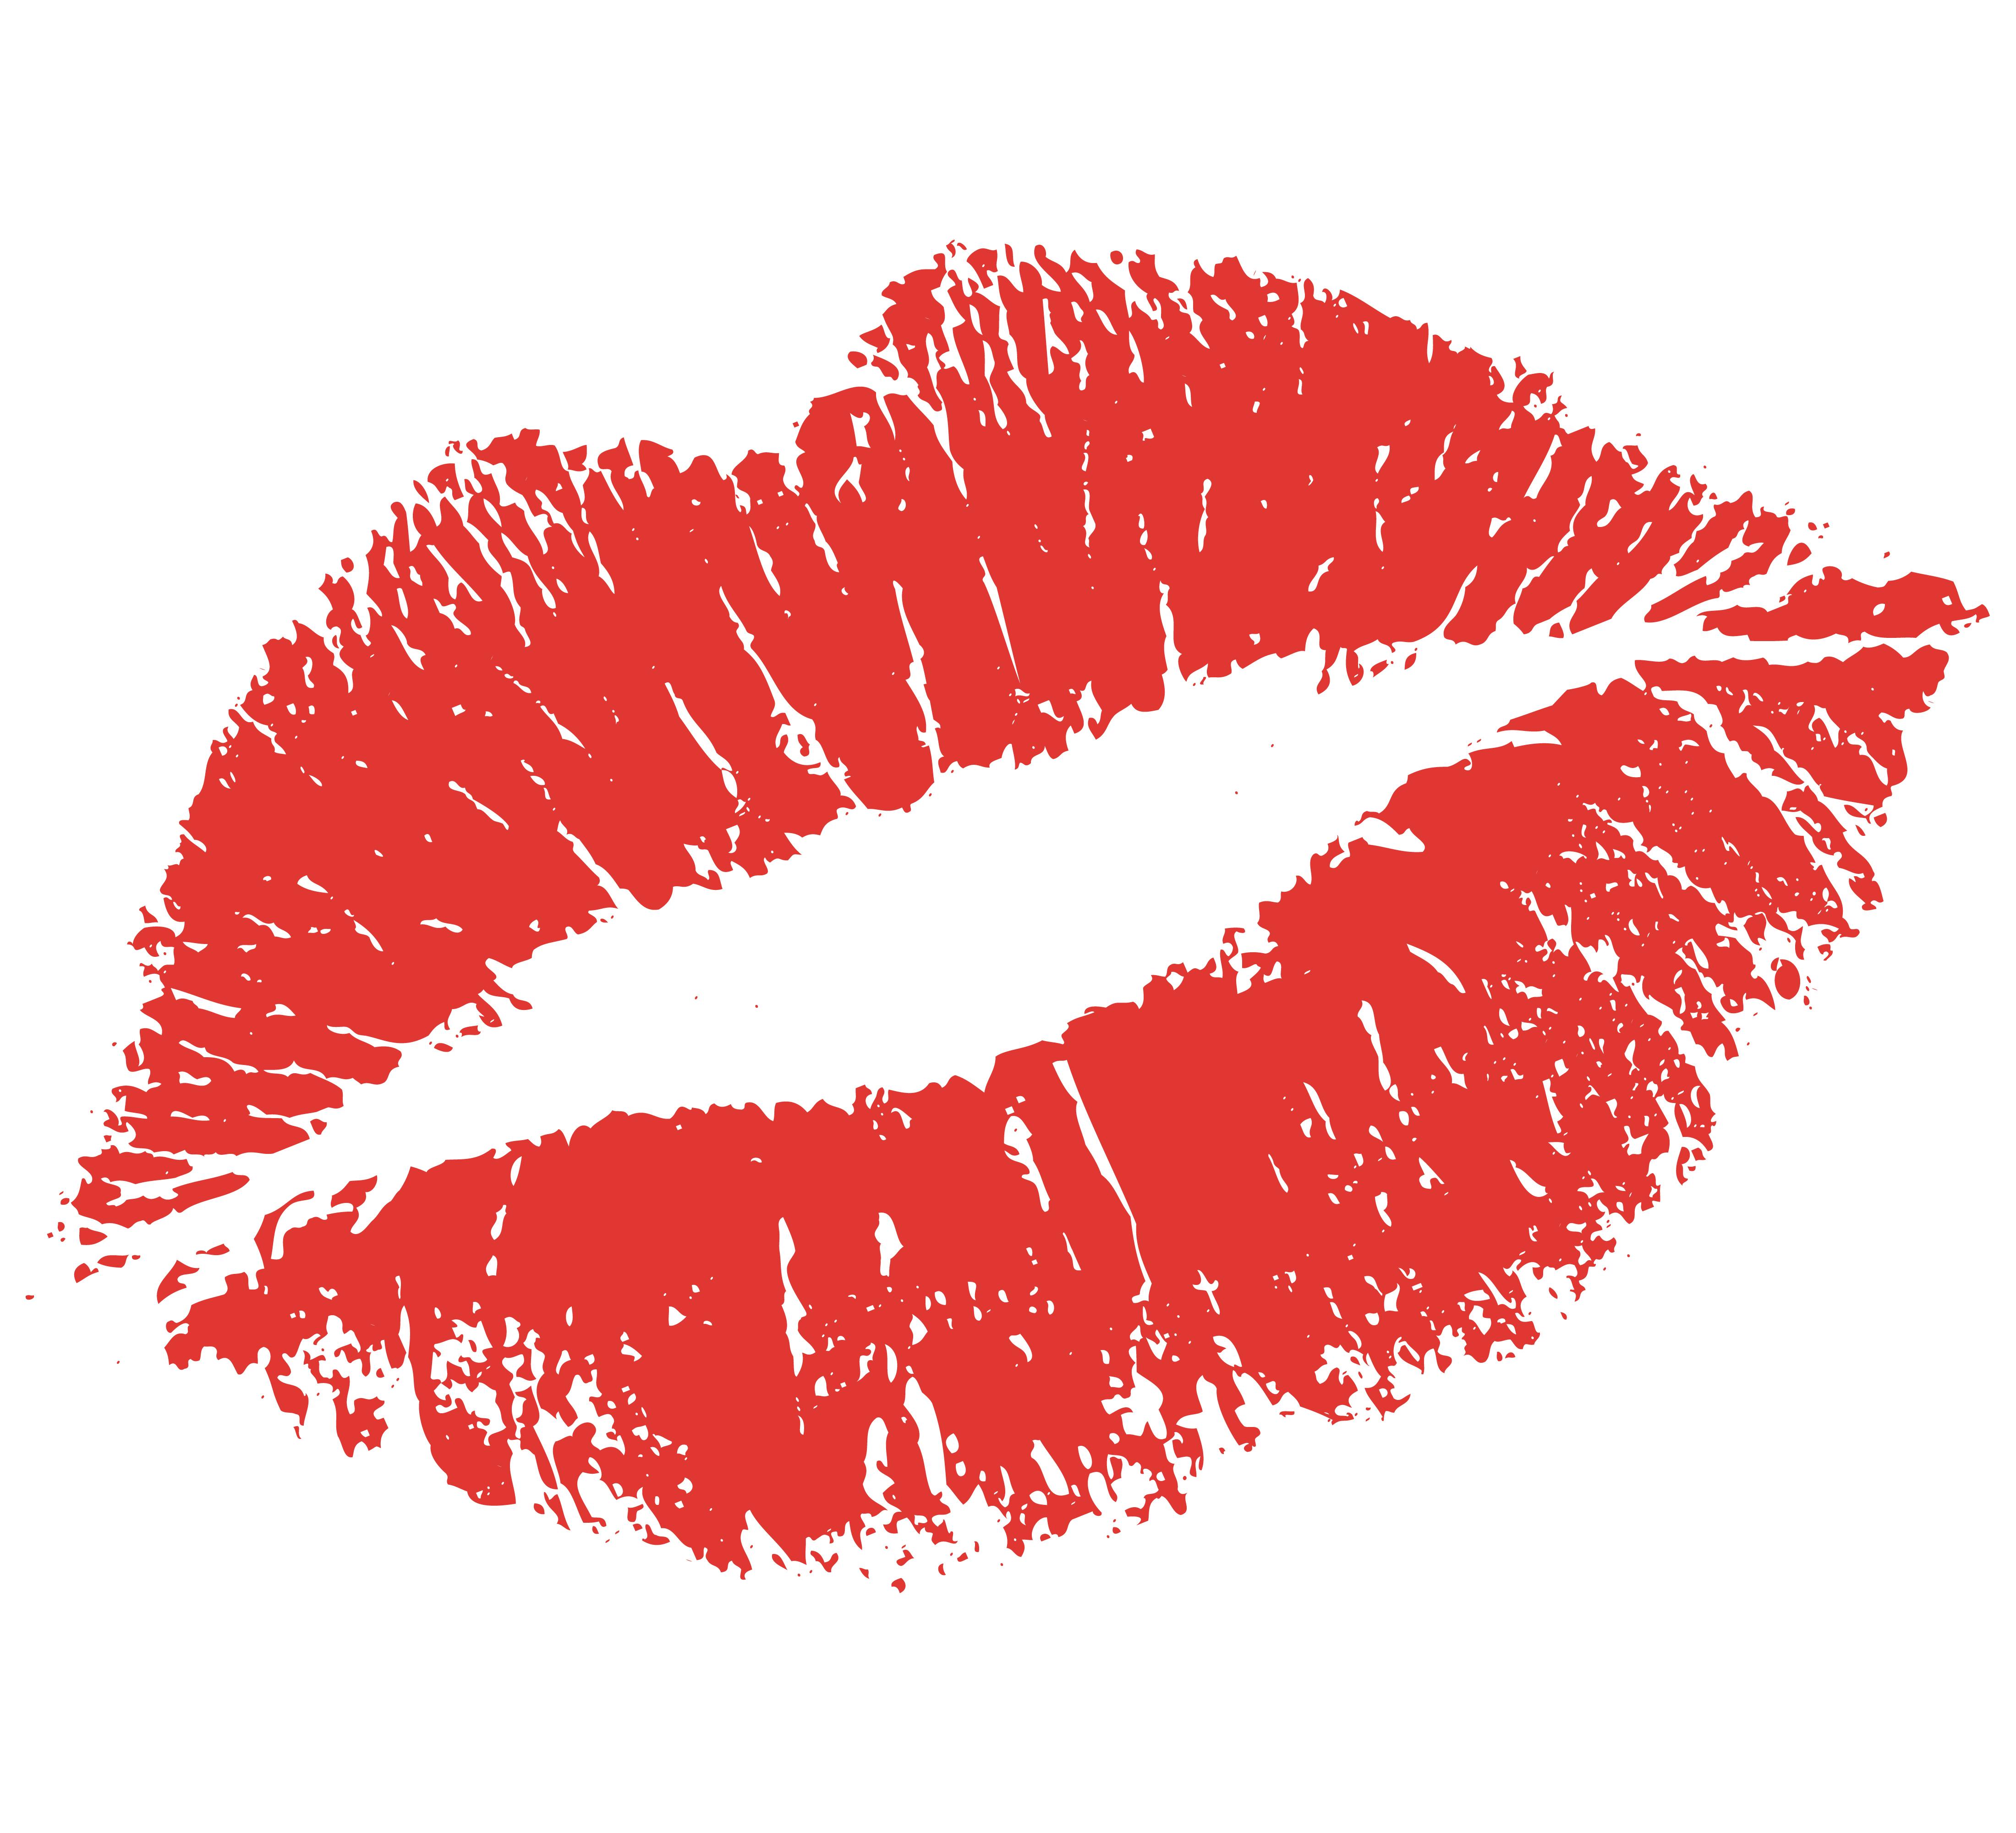 Kiss Mark Emoji Kiss Mark Transparent ...